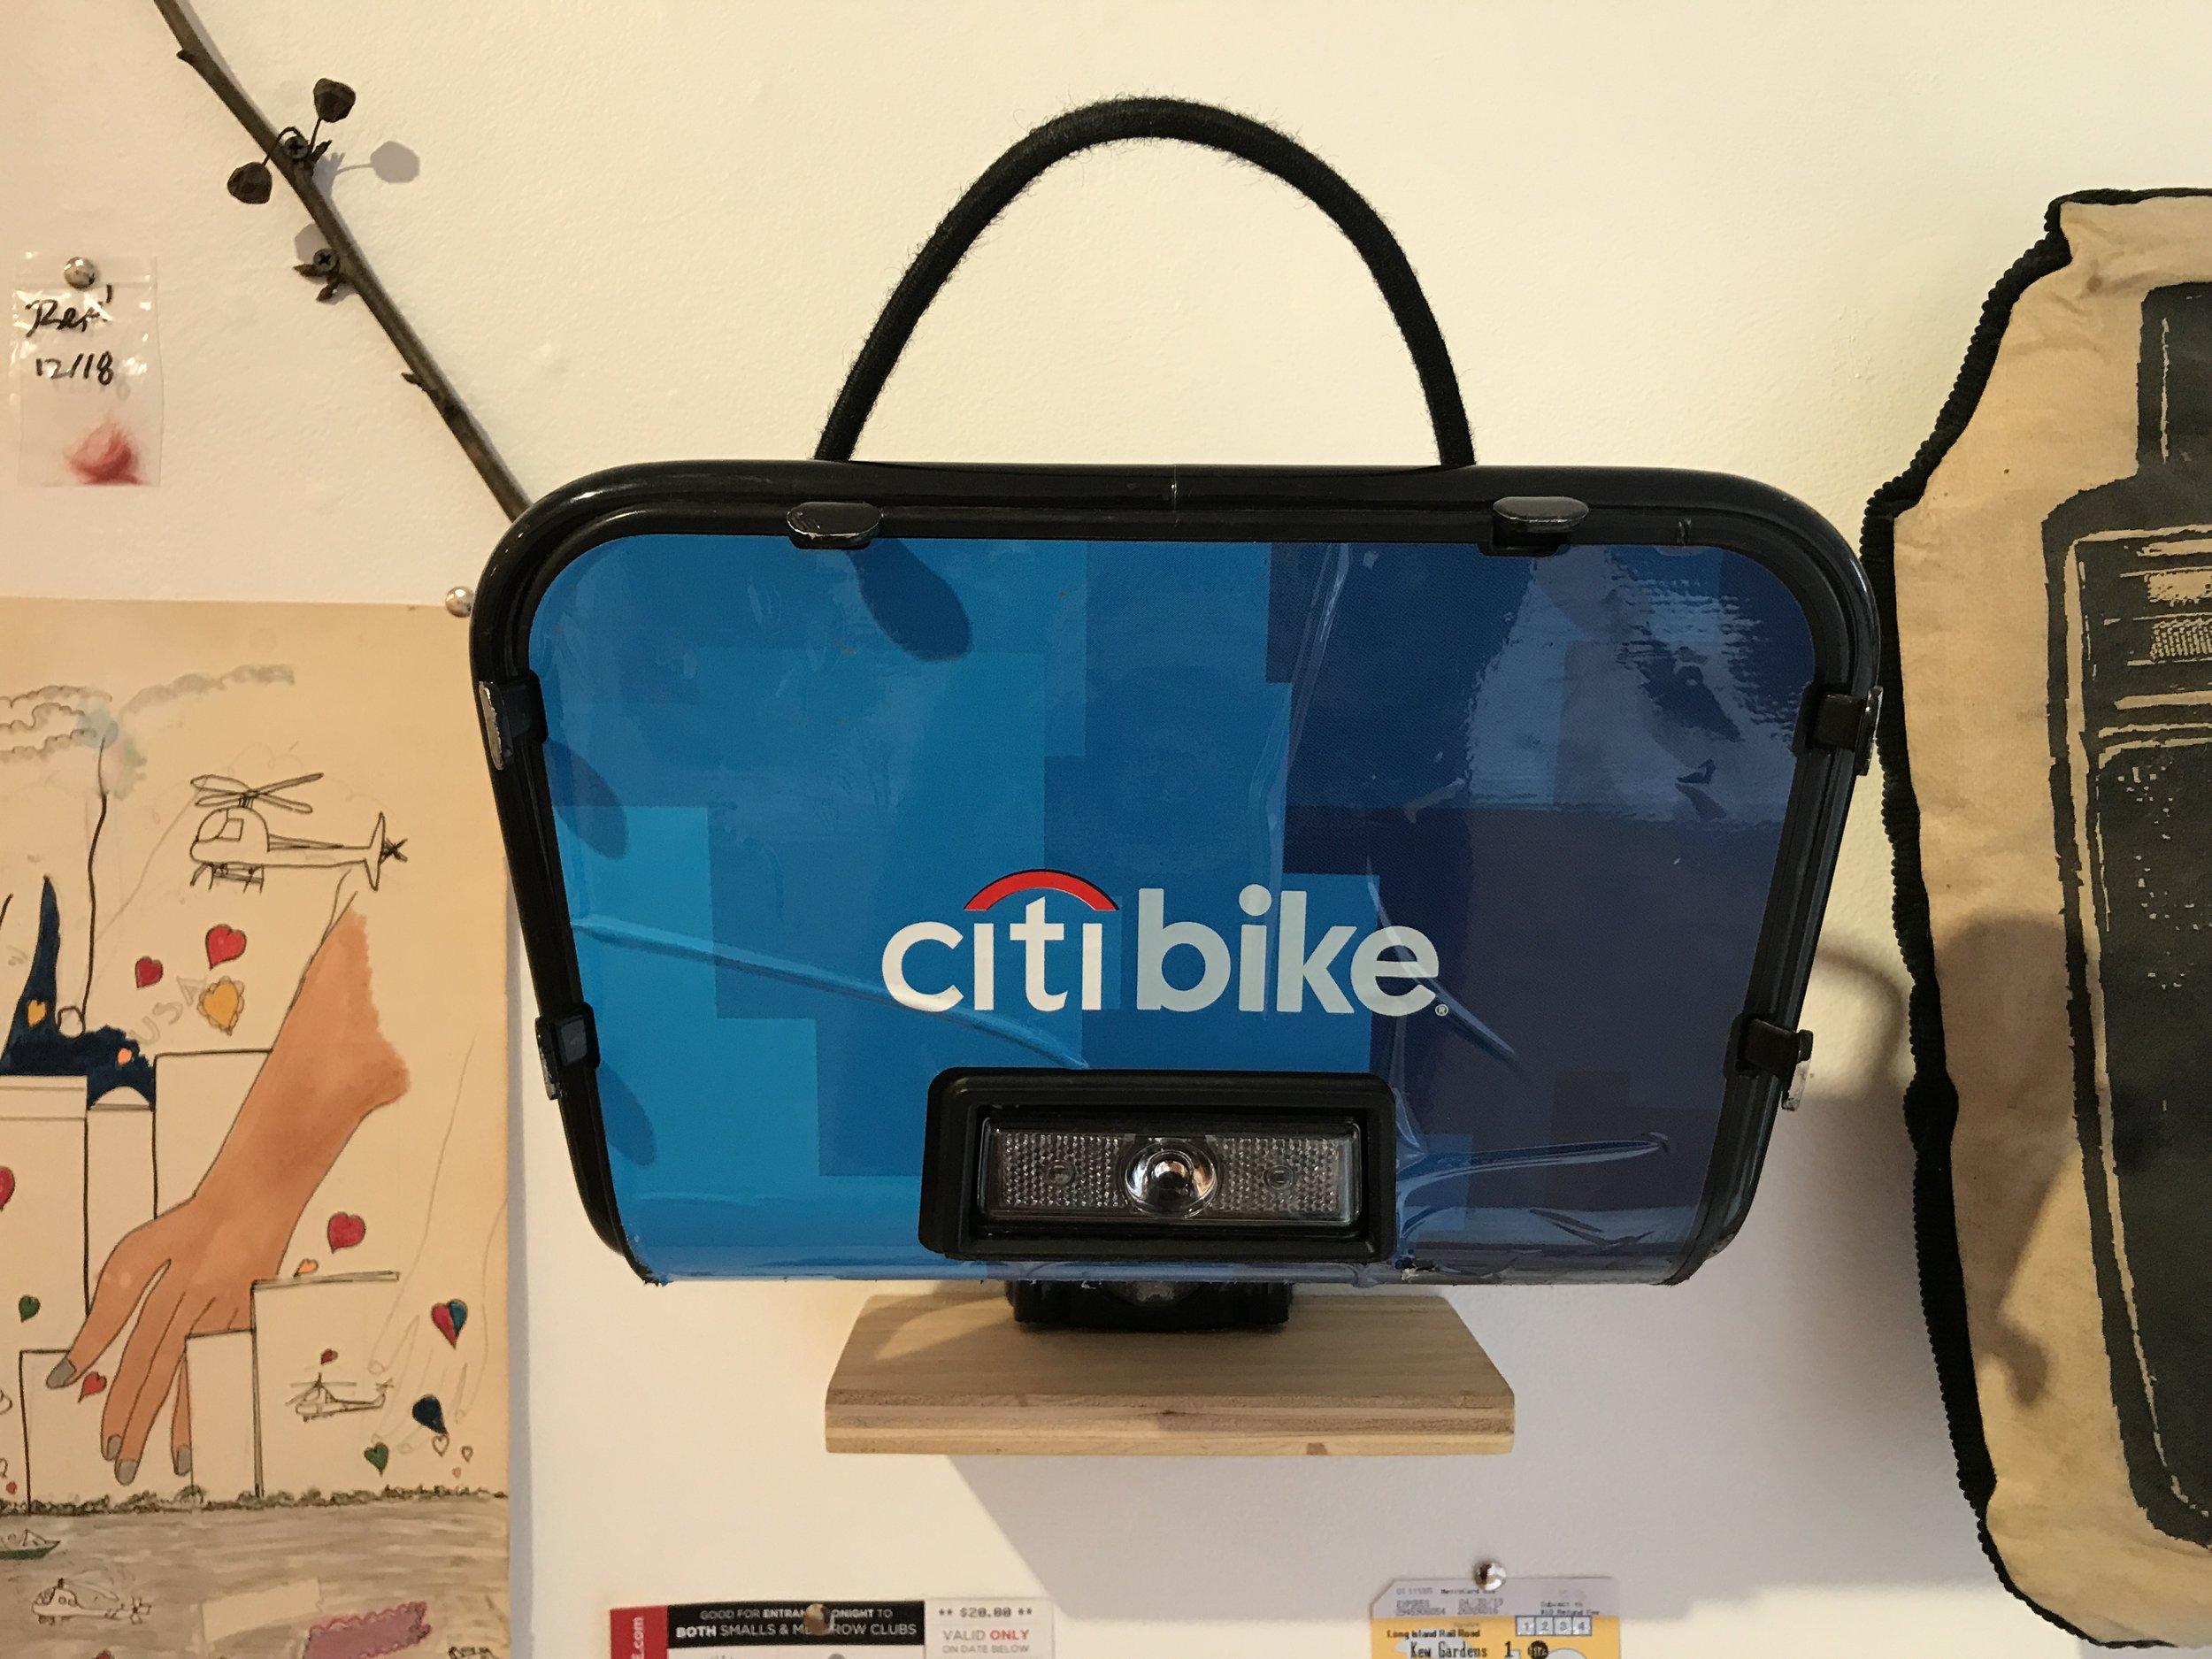 Citibike Basket (Matt Chaban, Writer)